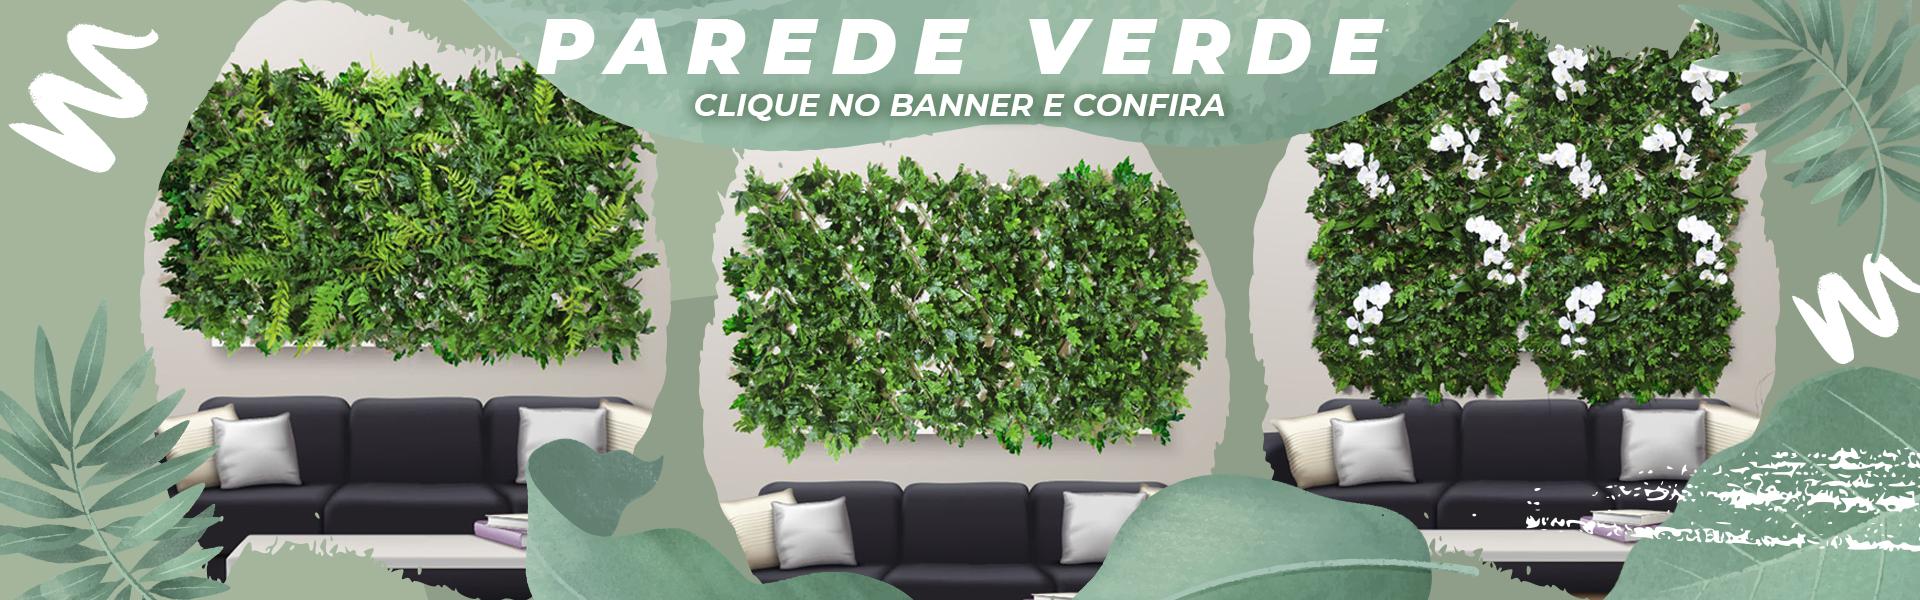 Parede_verde